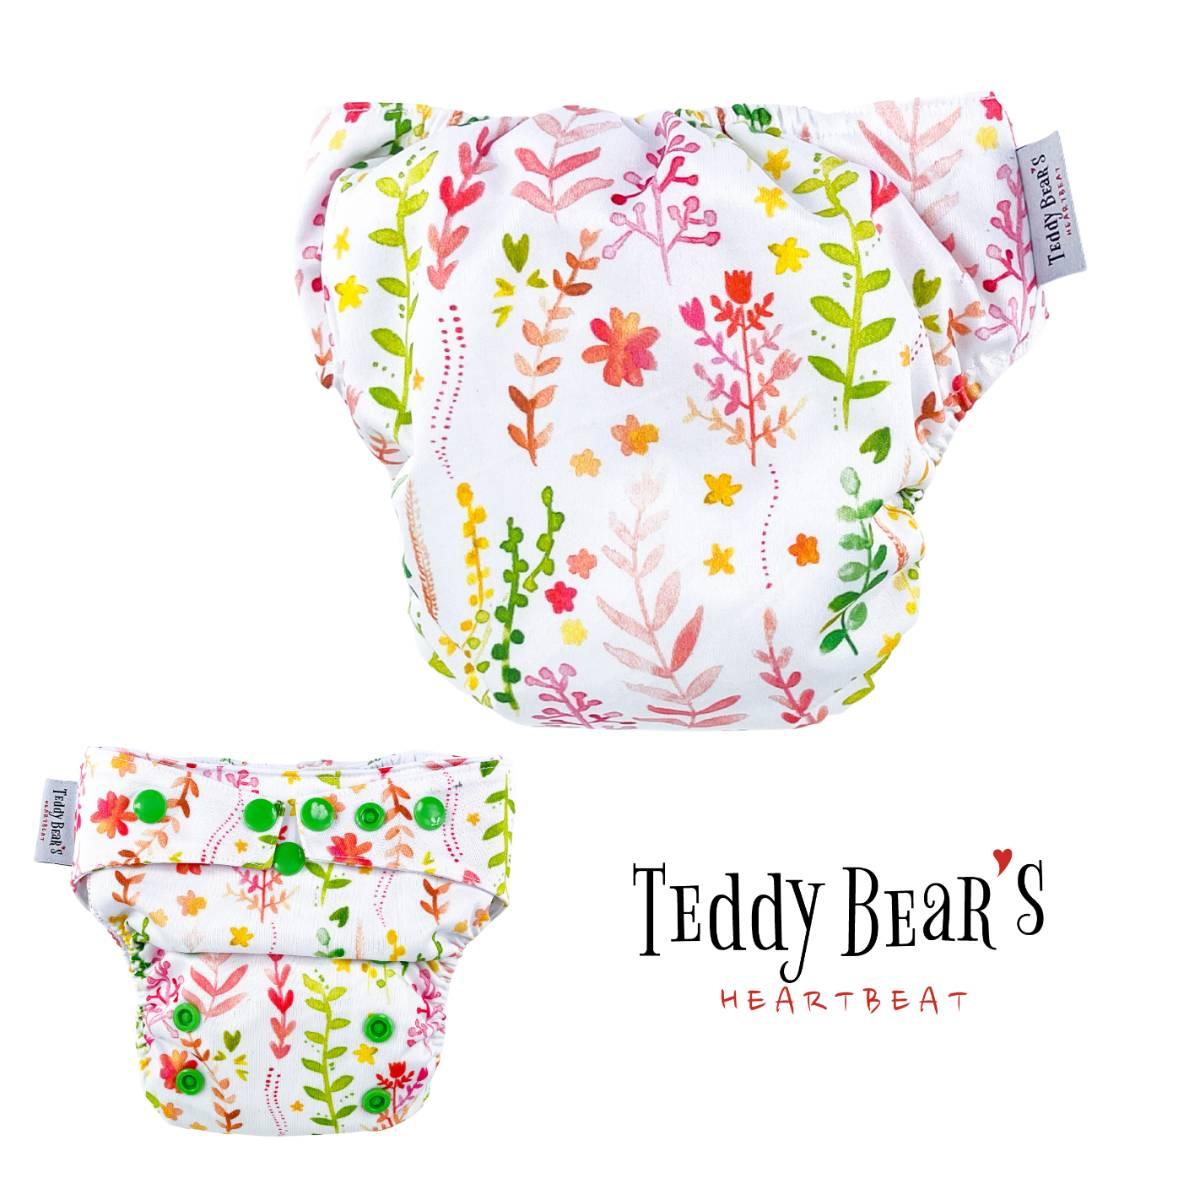 wild-flowers-ergonomisk-toybleie-innlegg-booster-teddy-bears-heartbeat